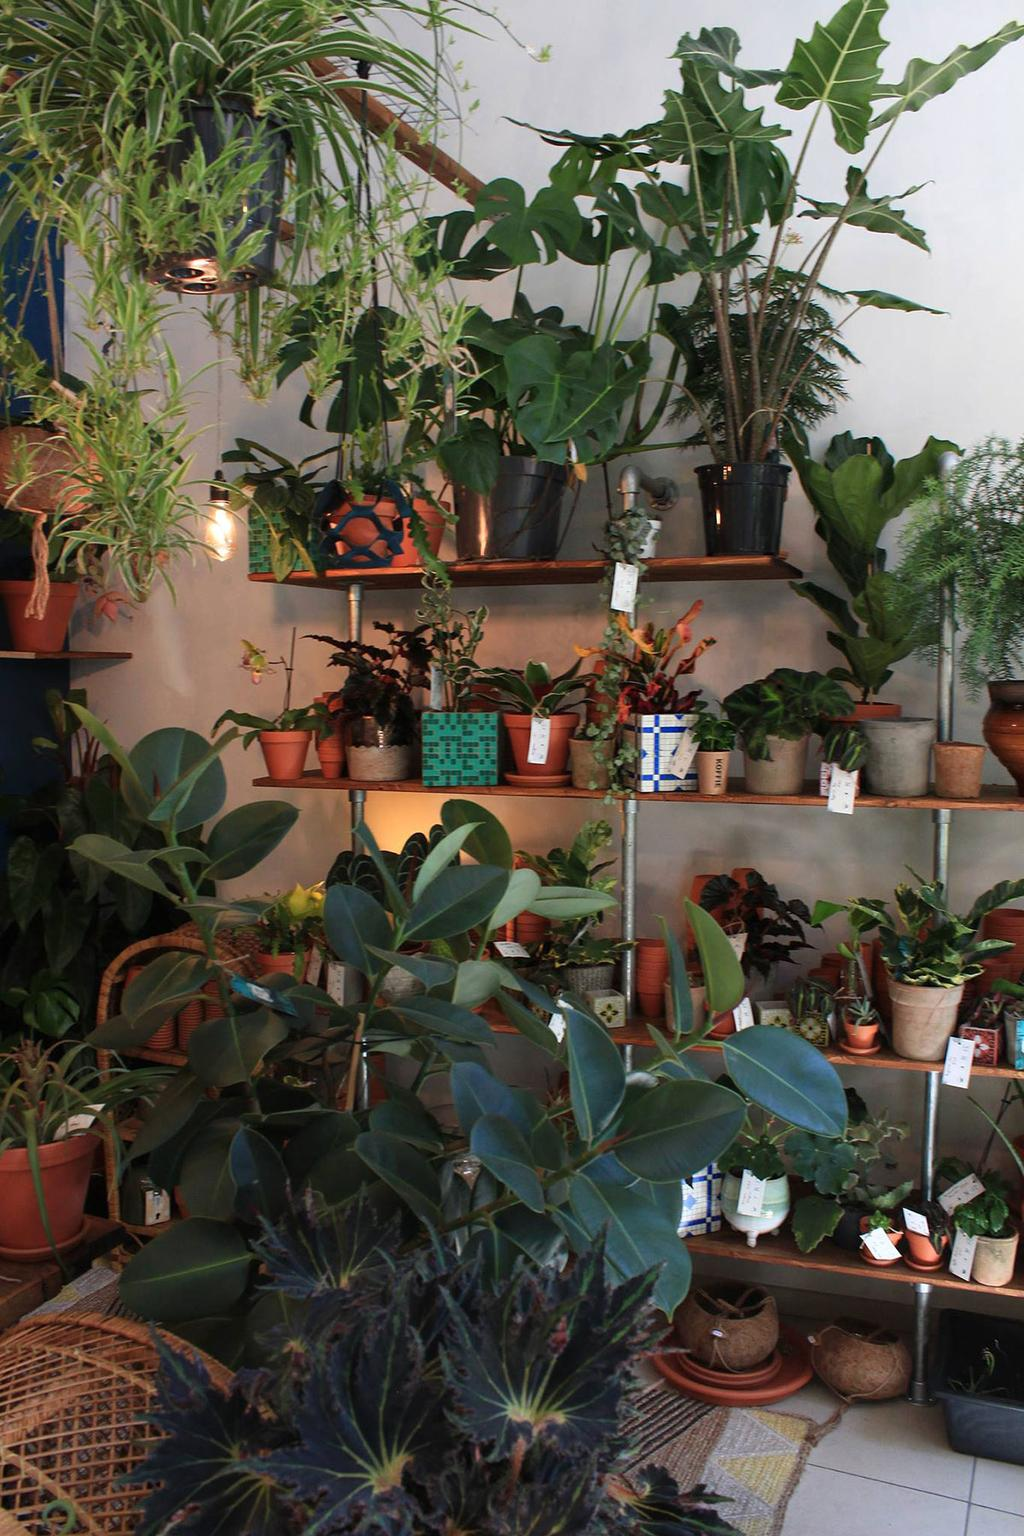 Verschillende soorten planten bij het plantenkaffee Broesse te Gent